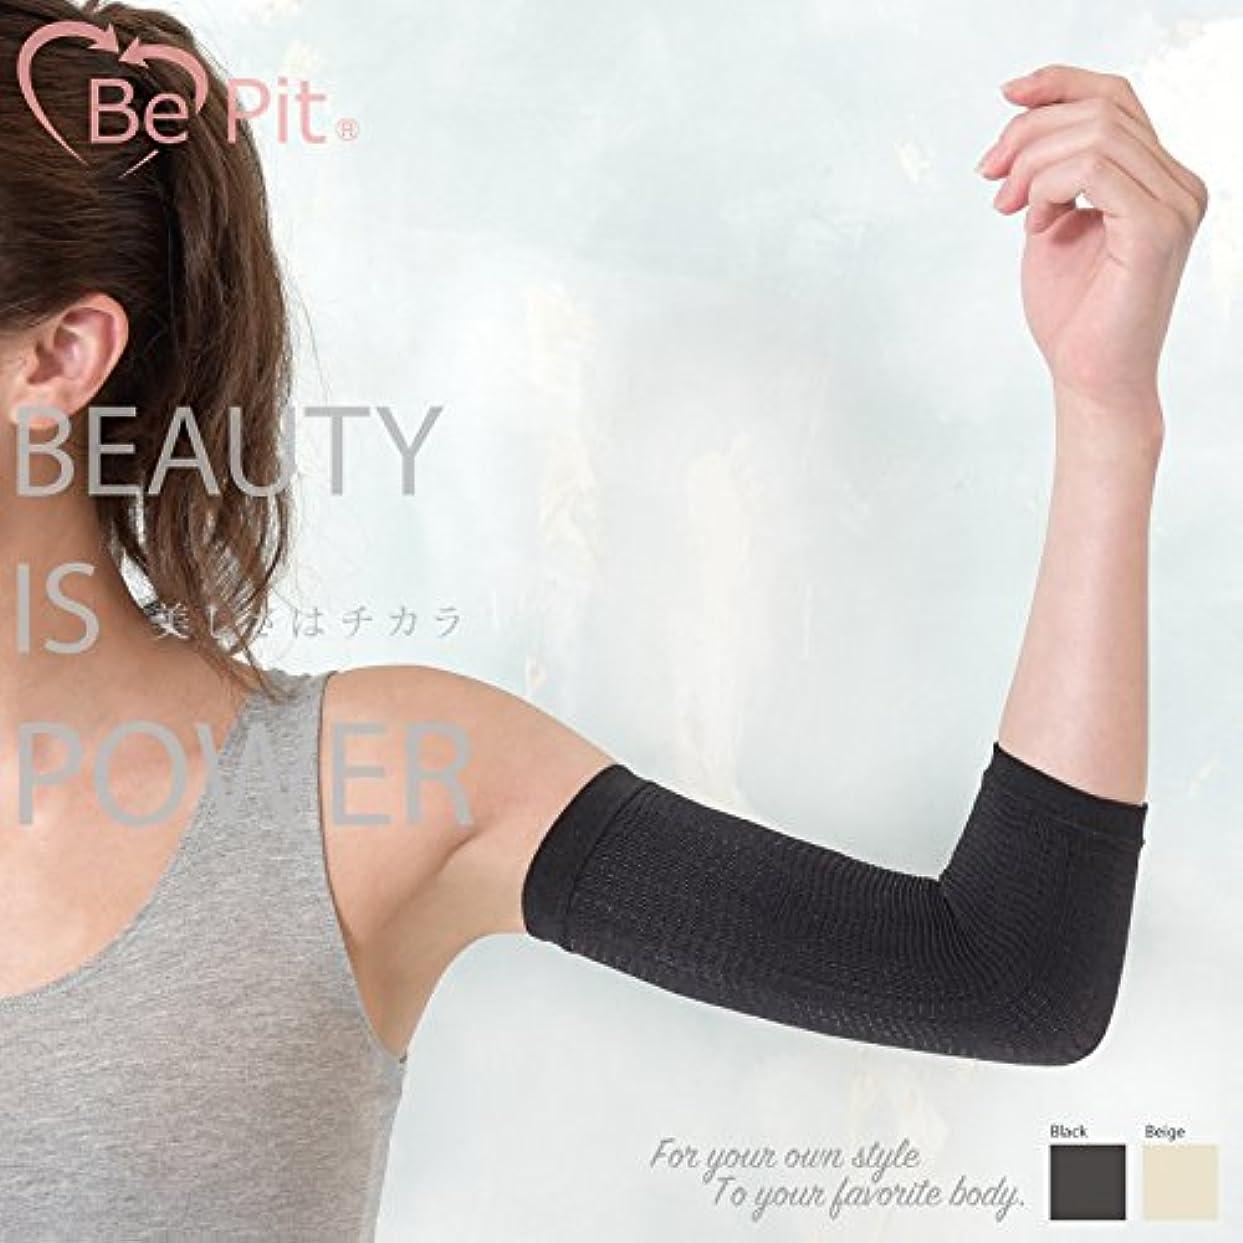 指紋象しつけ美ピット(Bepit) 二の腕マッサージフィットスパッツ Bepit016 (ベージュ)